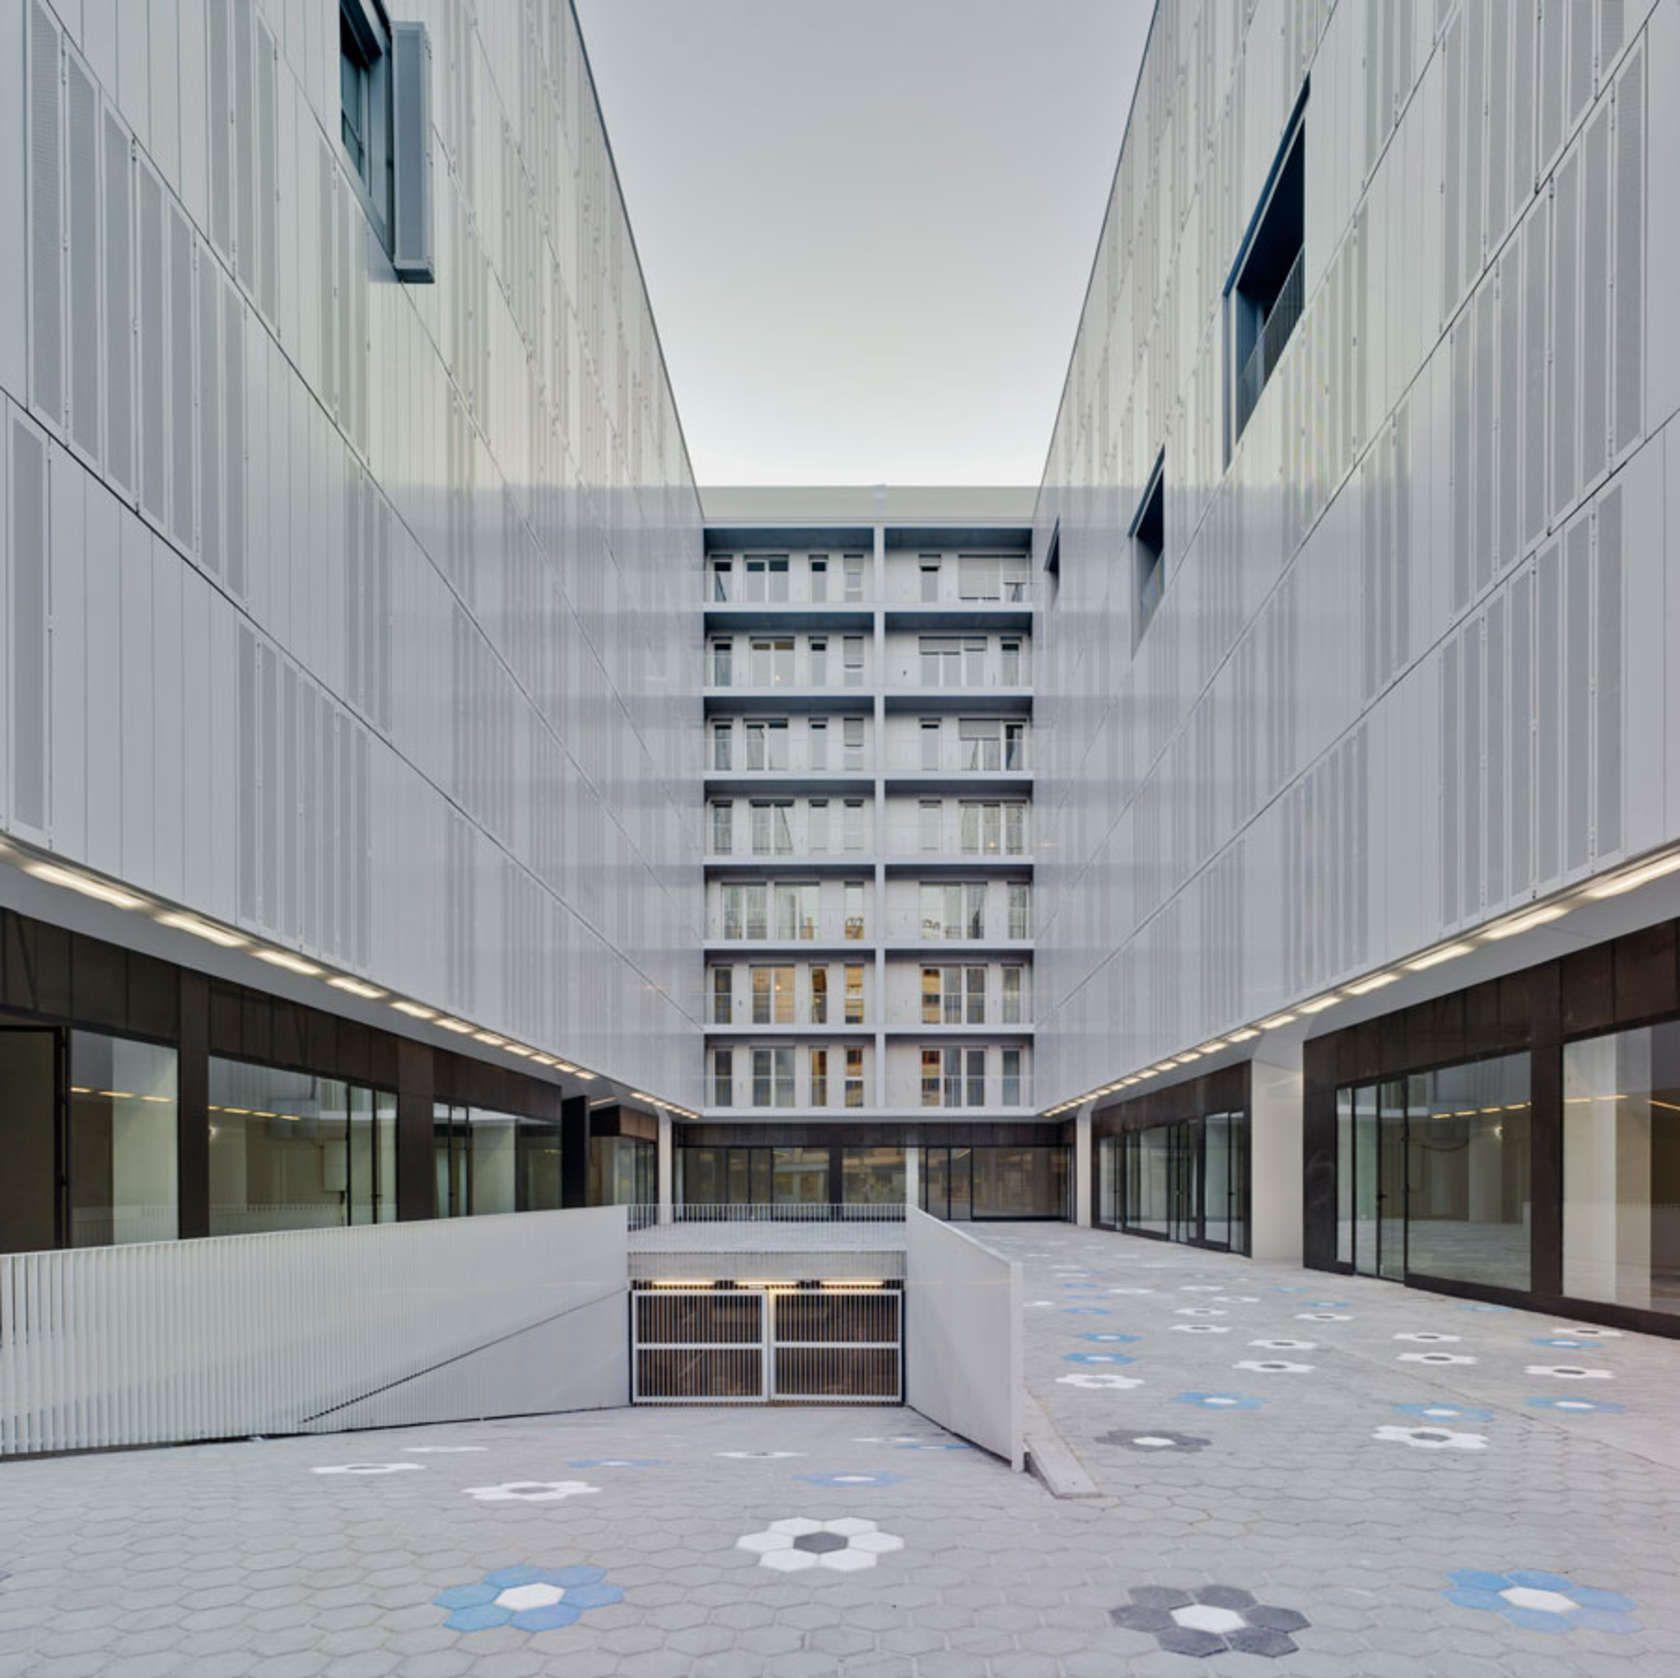 Firm estudio de arquitectura naos project residential for Estudio arquitectura murcia